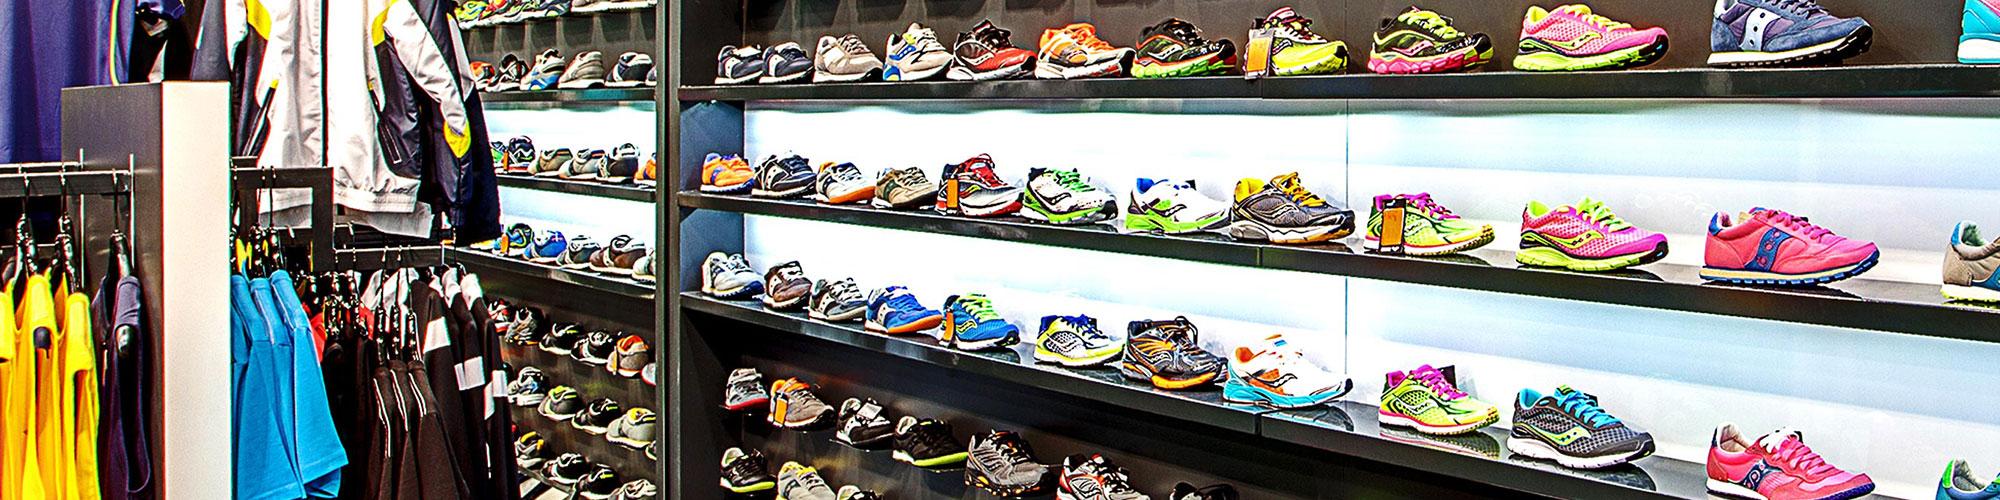 Abbigliamento sportivo - Parma Retail Parco Commerciale